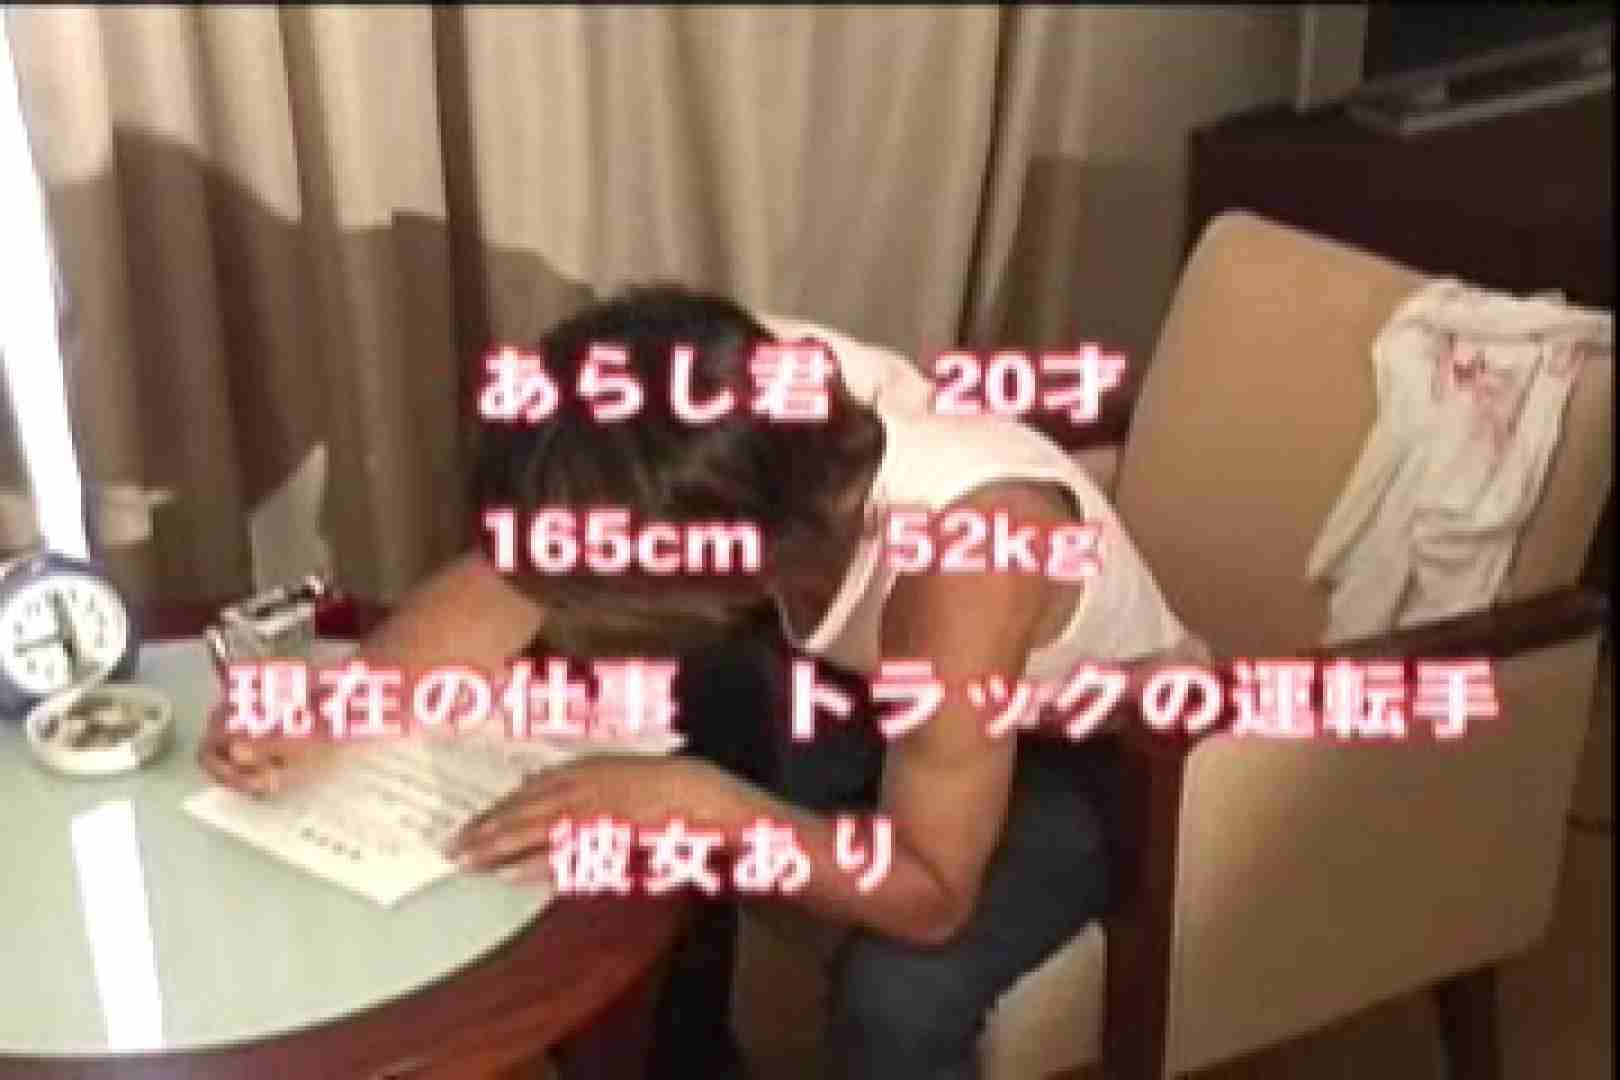 ハメ撮り!!面接FUCK!!Part.04 イケメンたち ゲイエロビデオ画像 70枚 2